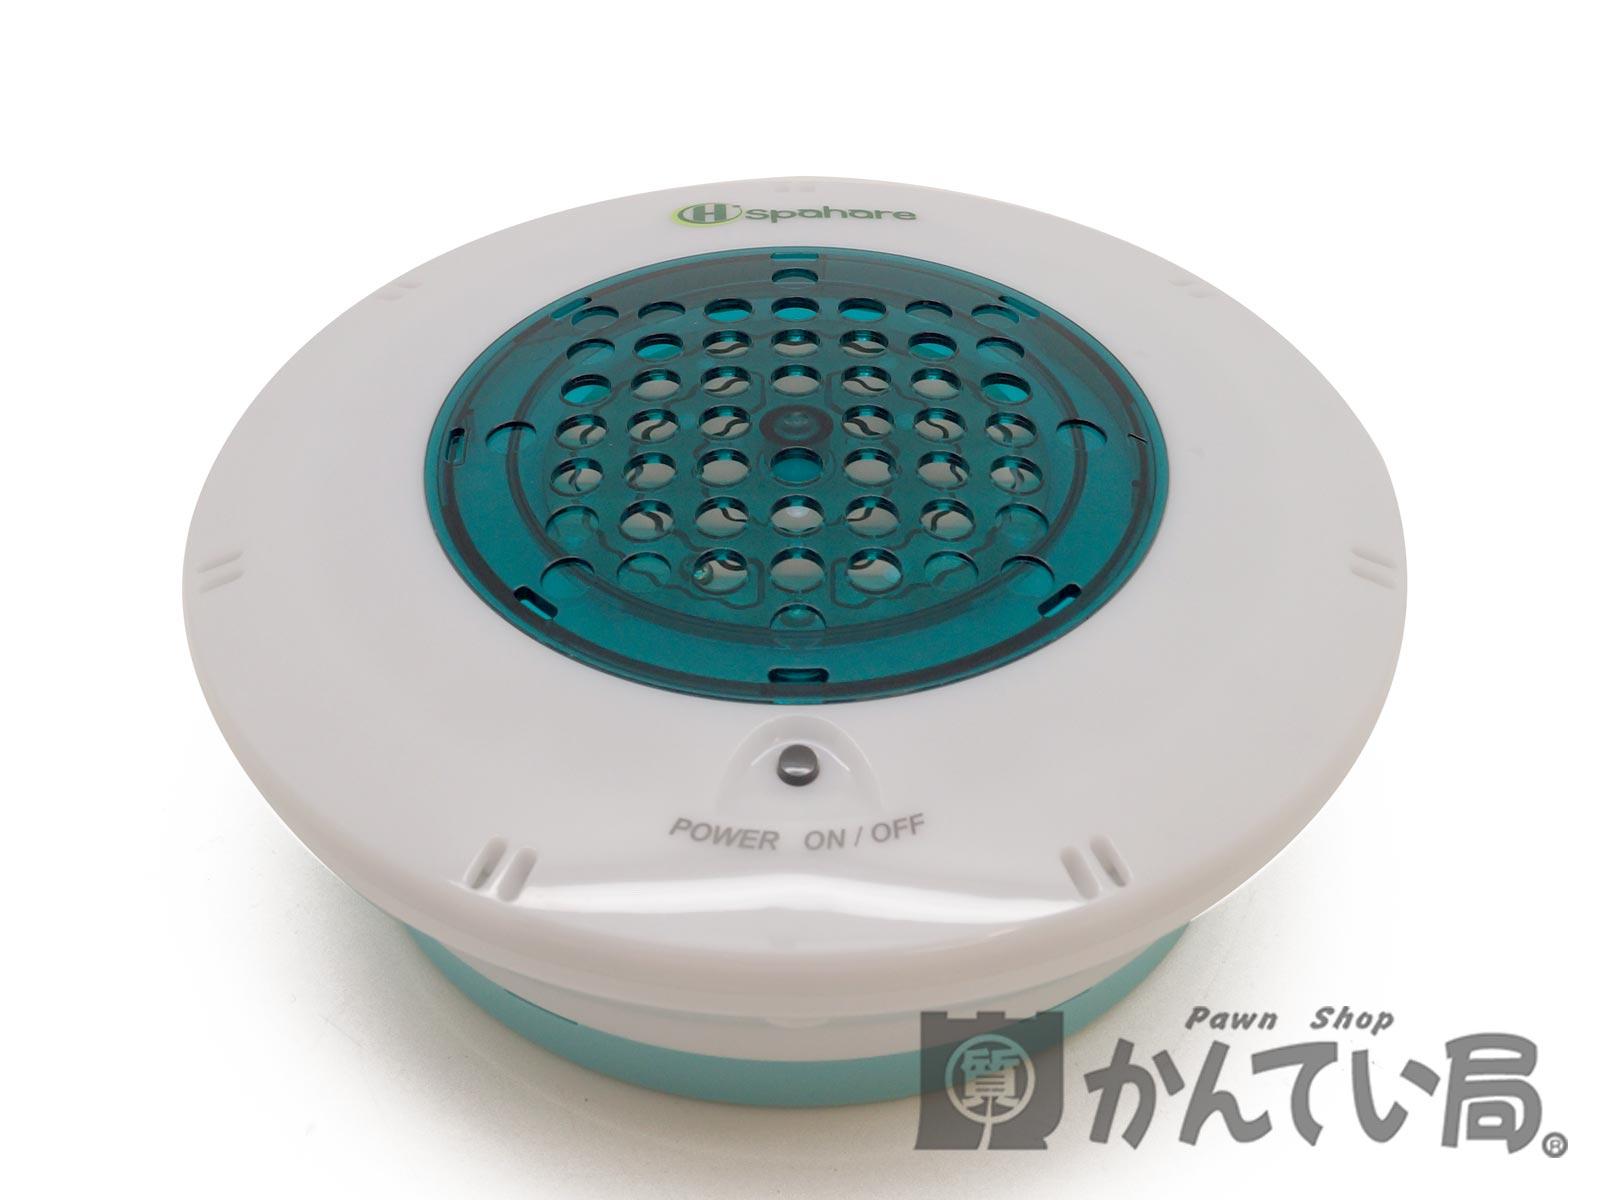 フラックス 浴槽用水素生成器 スパーレ FLSP-14B 【中古】 未使用未開封品 F66-2767 かんてい局本社